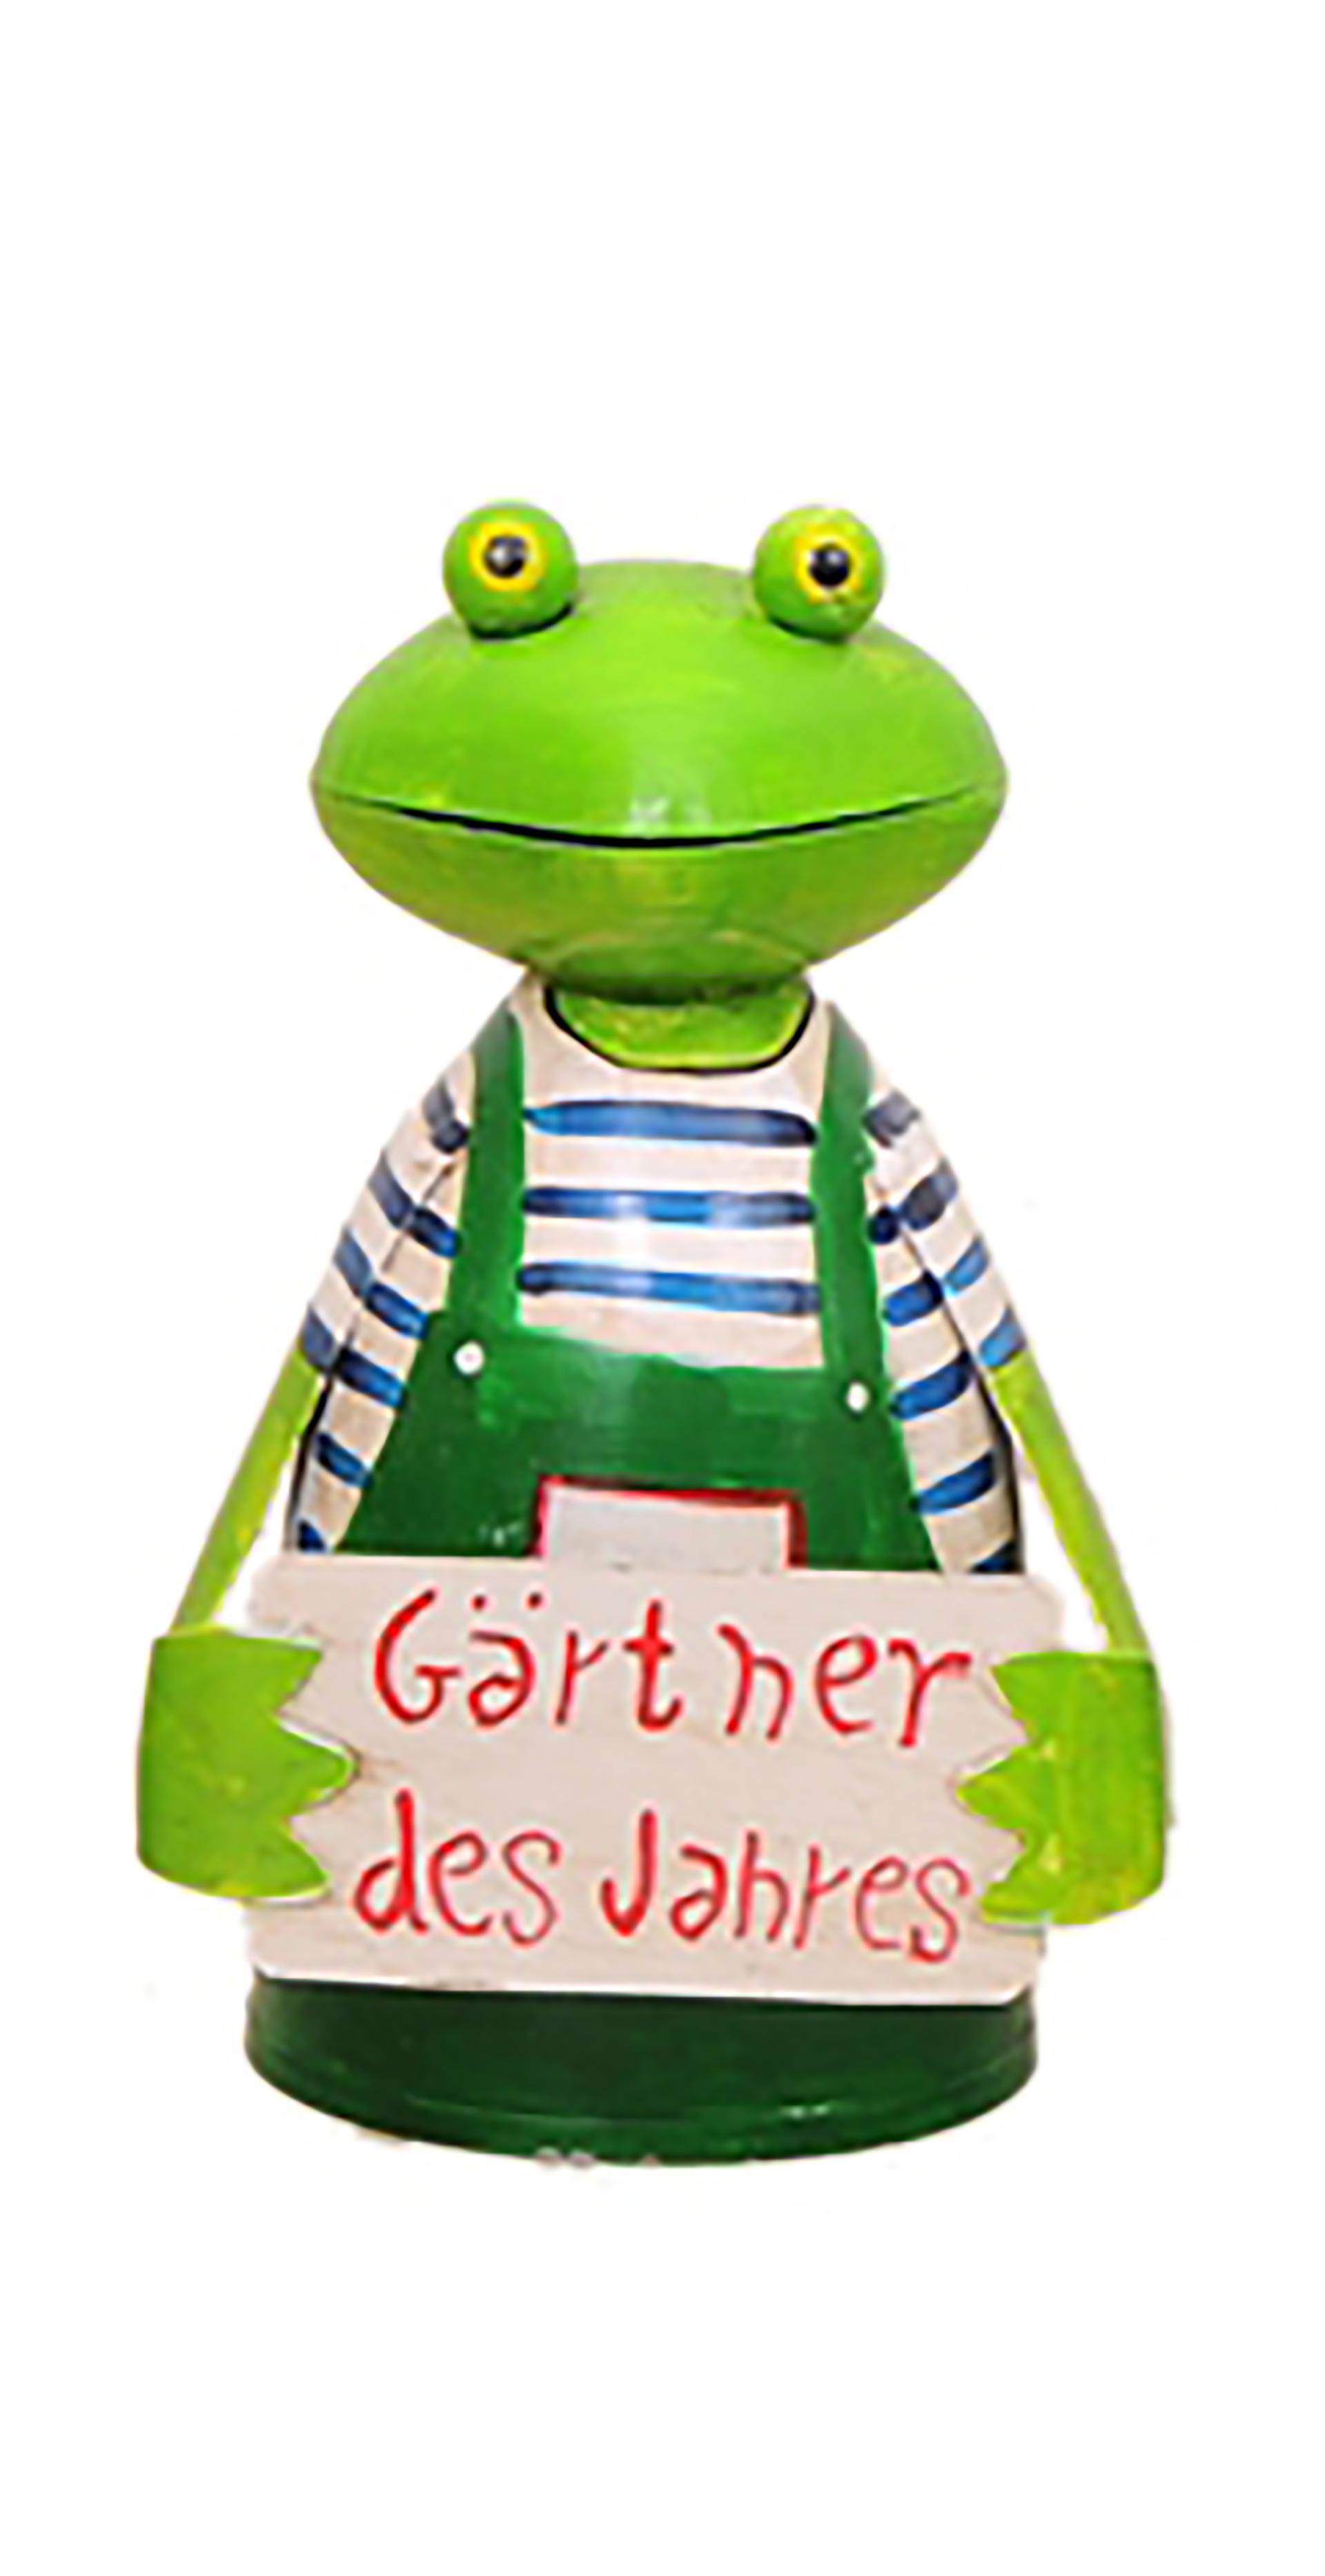 Zaunhocker Frosch, Tafel Gärtner des Jahres